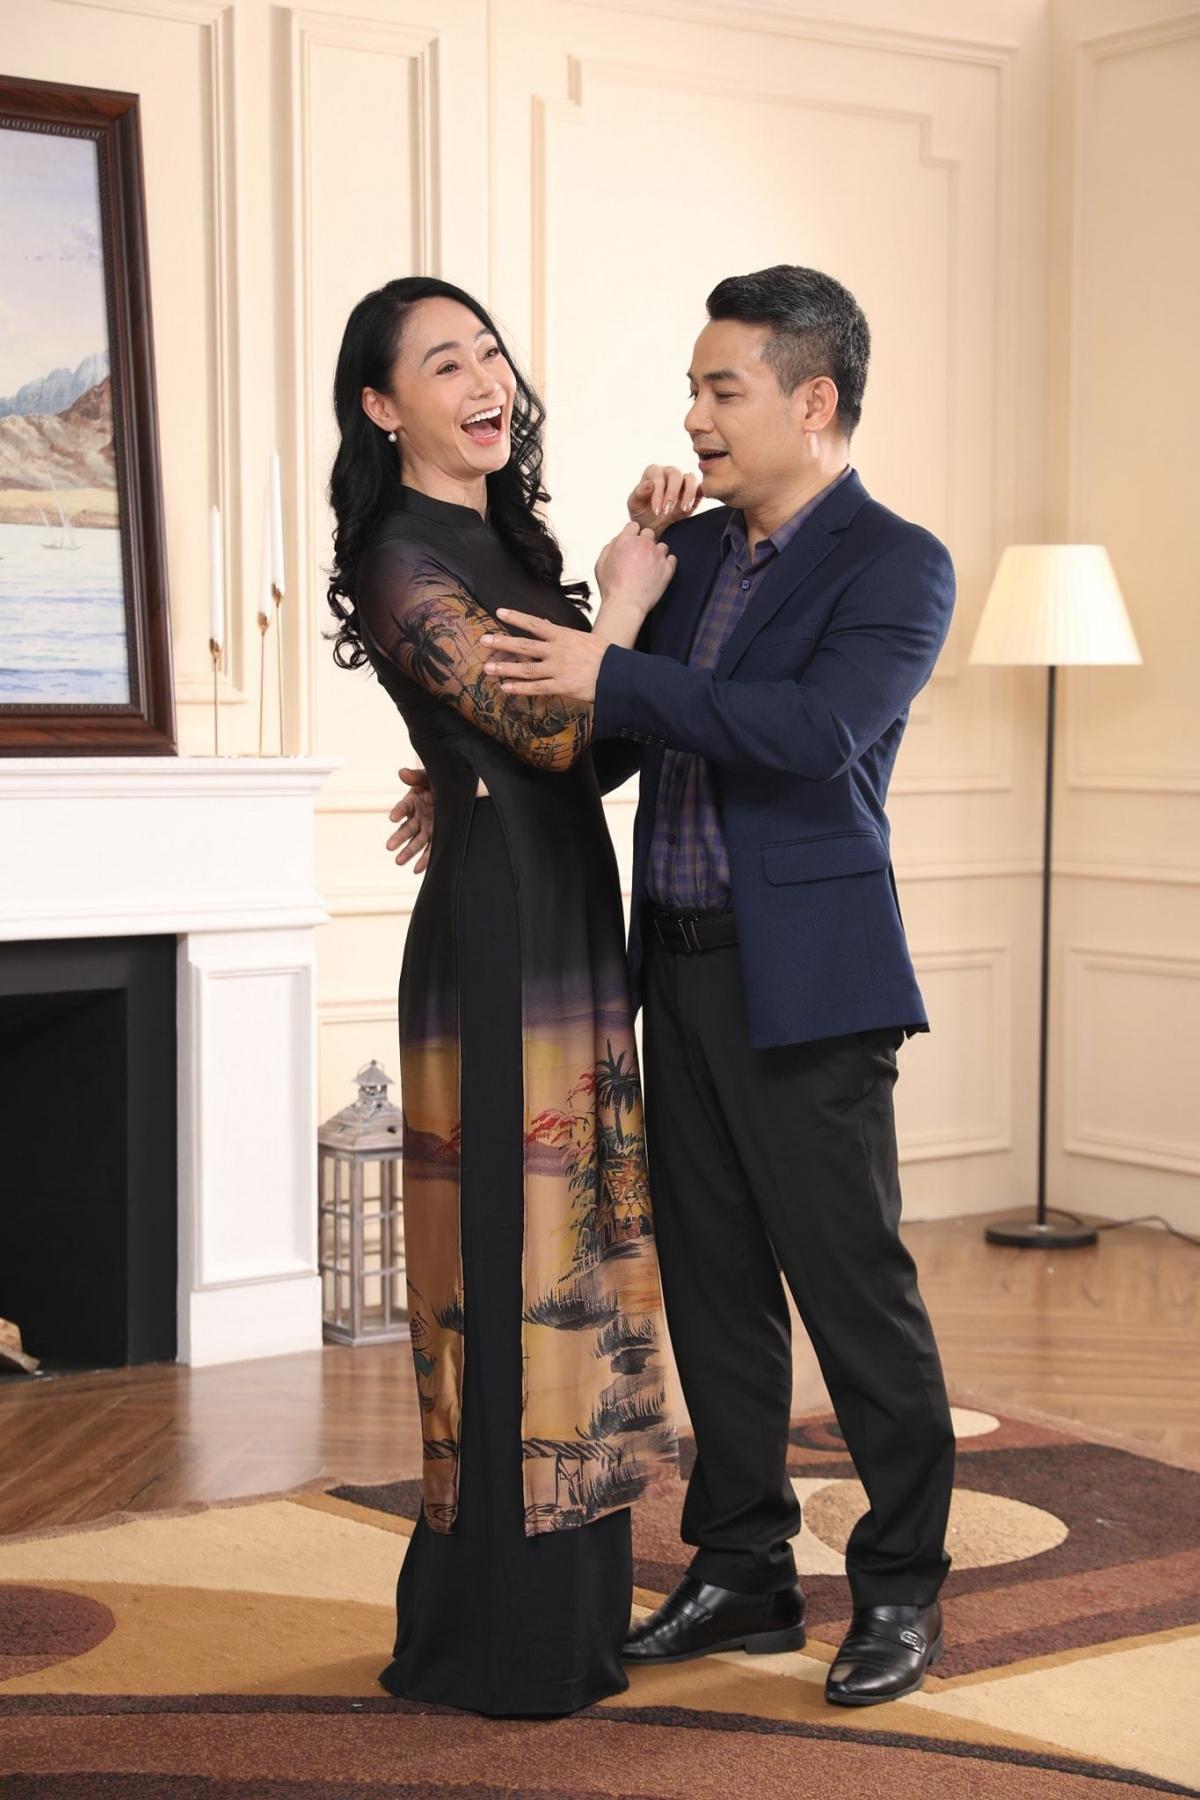 Quách Thu Phương và nghệ sĩ Mai Nguyên vui vẻ ở hậu trường một cảnh phim.